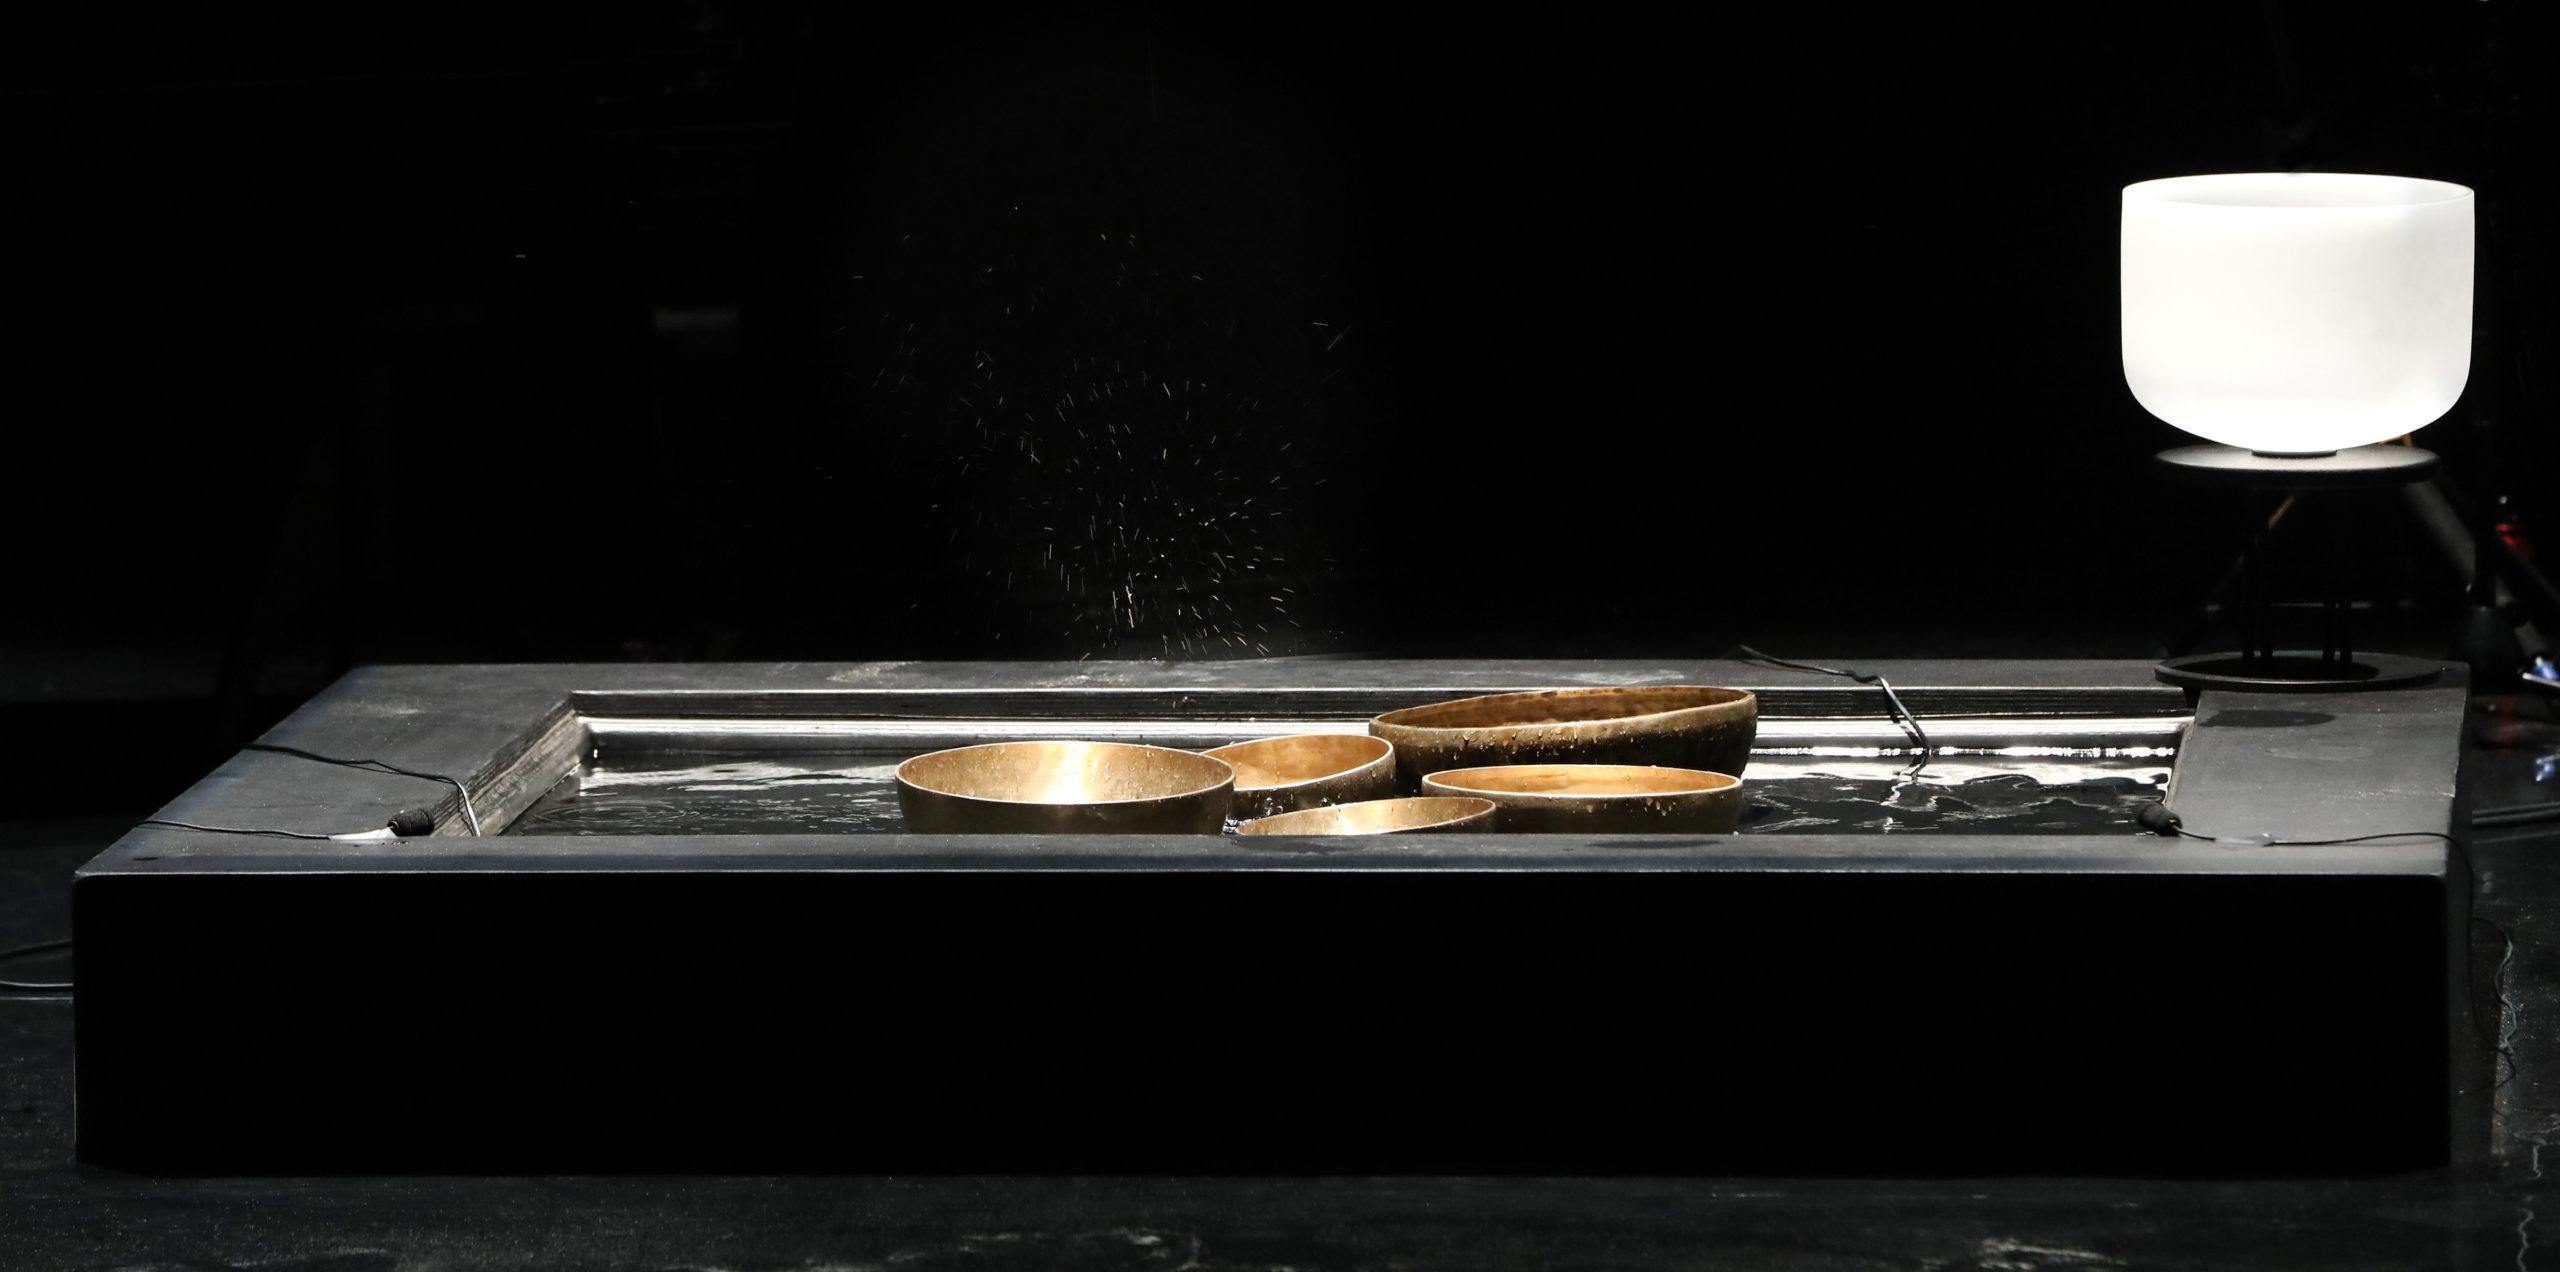 VERS LA RESONANCE, Compositiongenerale Thierry Balasse, Musique originale Thierry Balasse, Eric Lohrer, Cecile Maisonhaute et Julien Reboux, Choregraphie Anusha Emrith, Eclairages Bruno Faucher, Sonorisation Vincent Dona, Textes extraits de Un bruit de balancoirede Christian Bobin, Electroacoustique, synthetiseurs, percussions, basse electrique Thierry Balasse ; Danse voix parlee Anusha Emrith ; Guitare, guitare electrique, basse electrique Eric Lohrer ; Piano, synthetiseur, voix chantee, voix parlee Cecile Maisonhaute ; Electroacoustique Julien Reboux, Regie generale et regie plateau Mickael Marchadier, Maison de la musique de Nanterre le 29 octobre 2020.(photo by Patrick Berger)